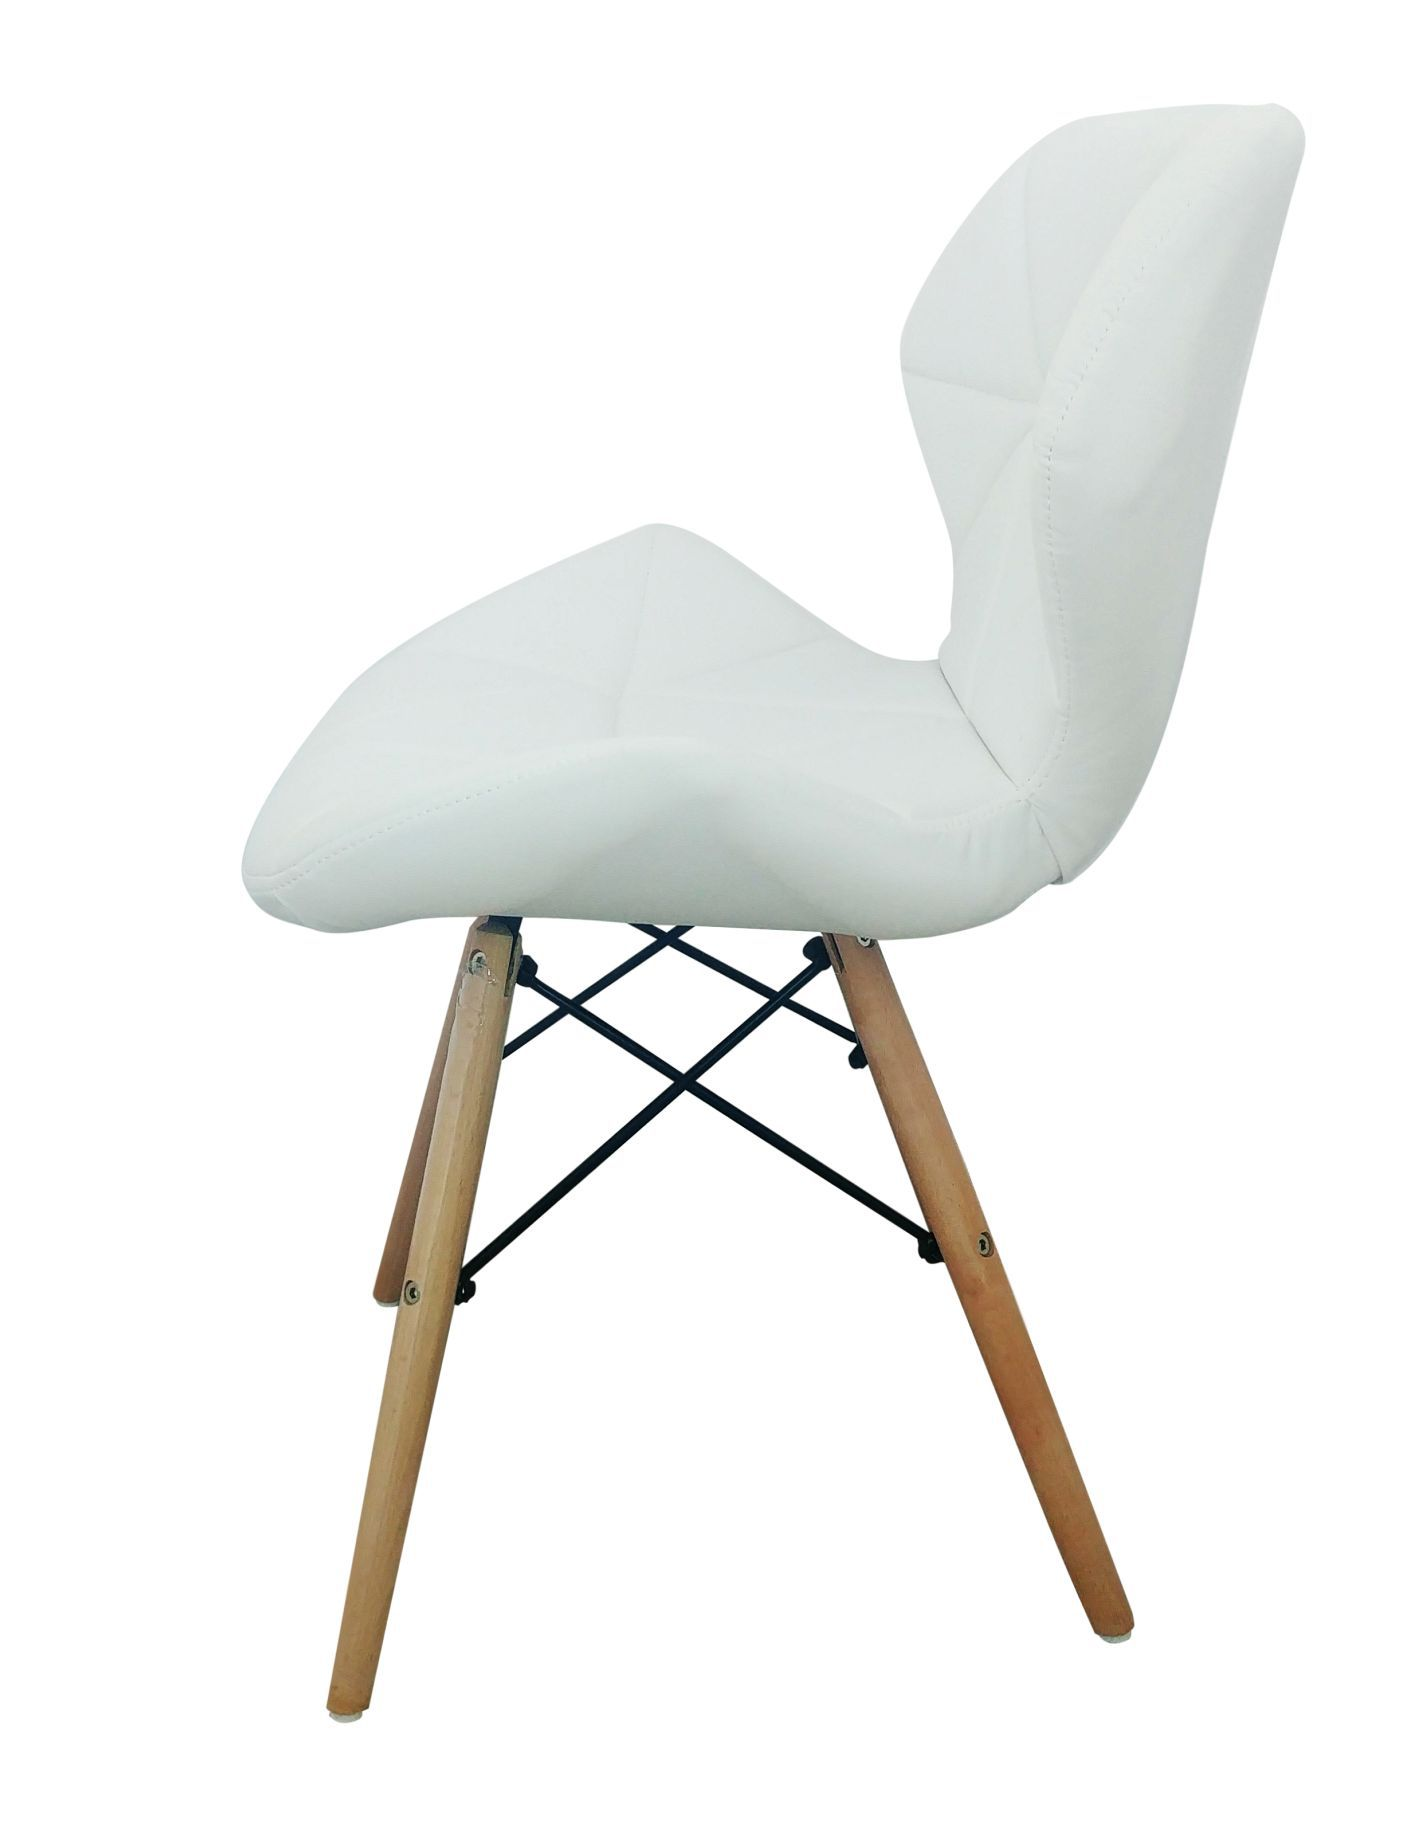 Cadeira Design Charles Eames Couro PU Pelegrin PEL-1104 Branca